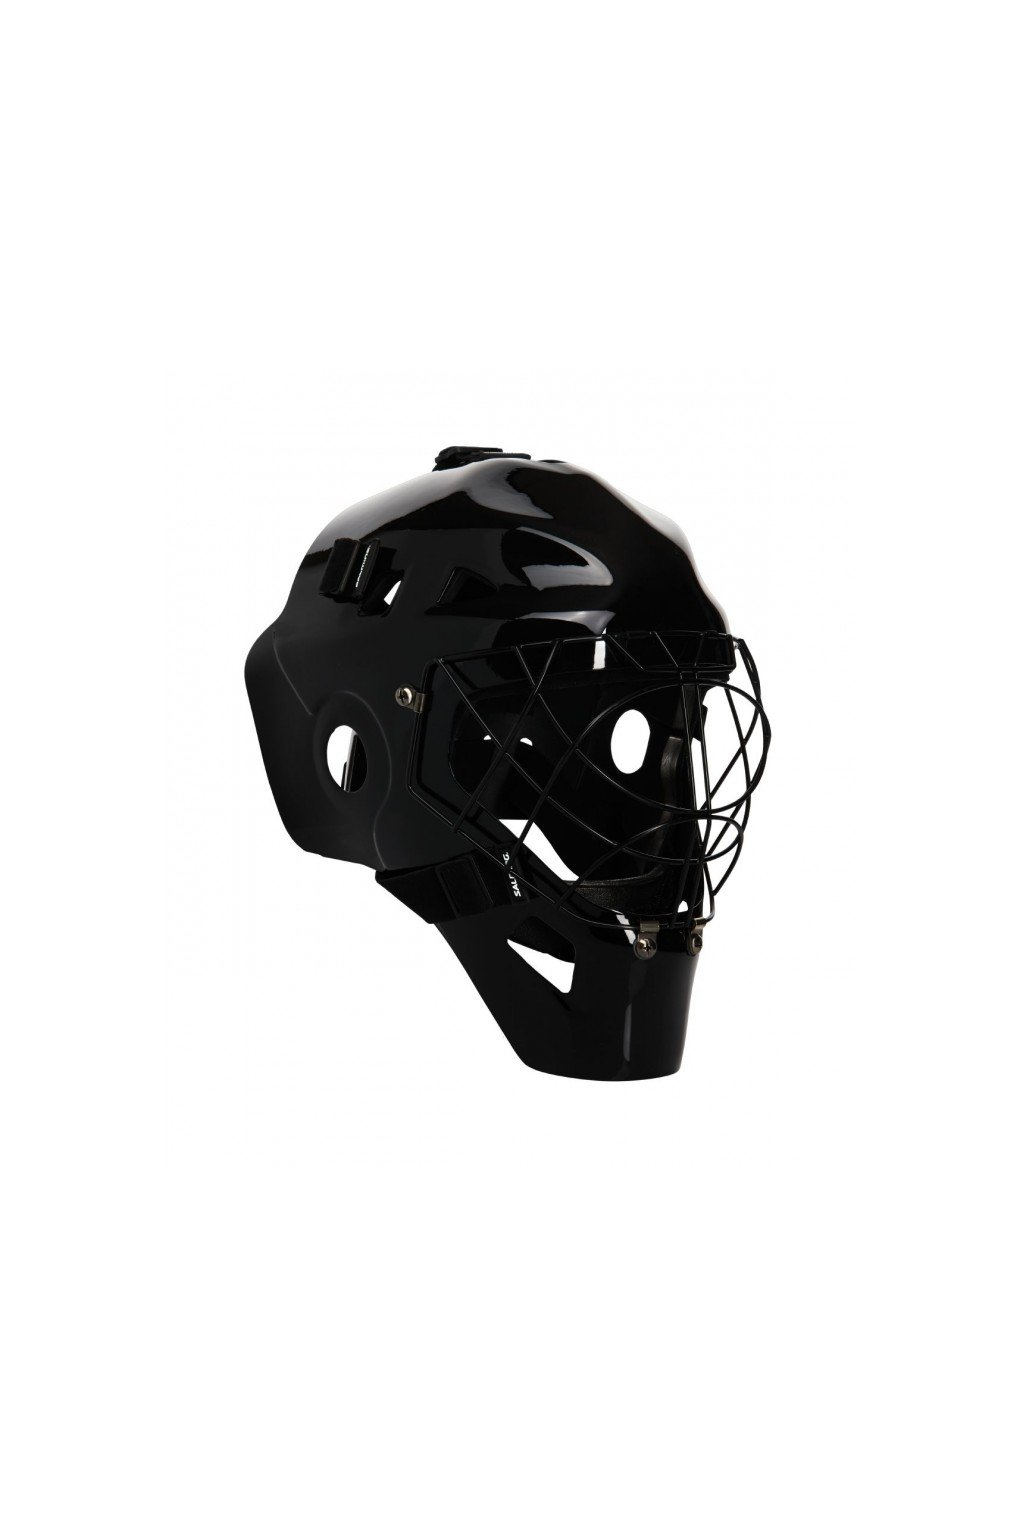 salming carbonx custom helmet black